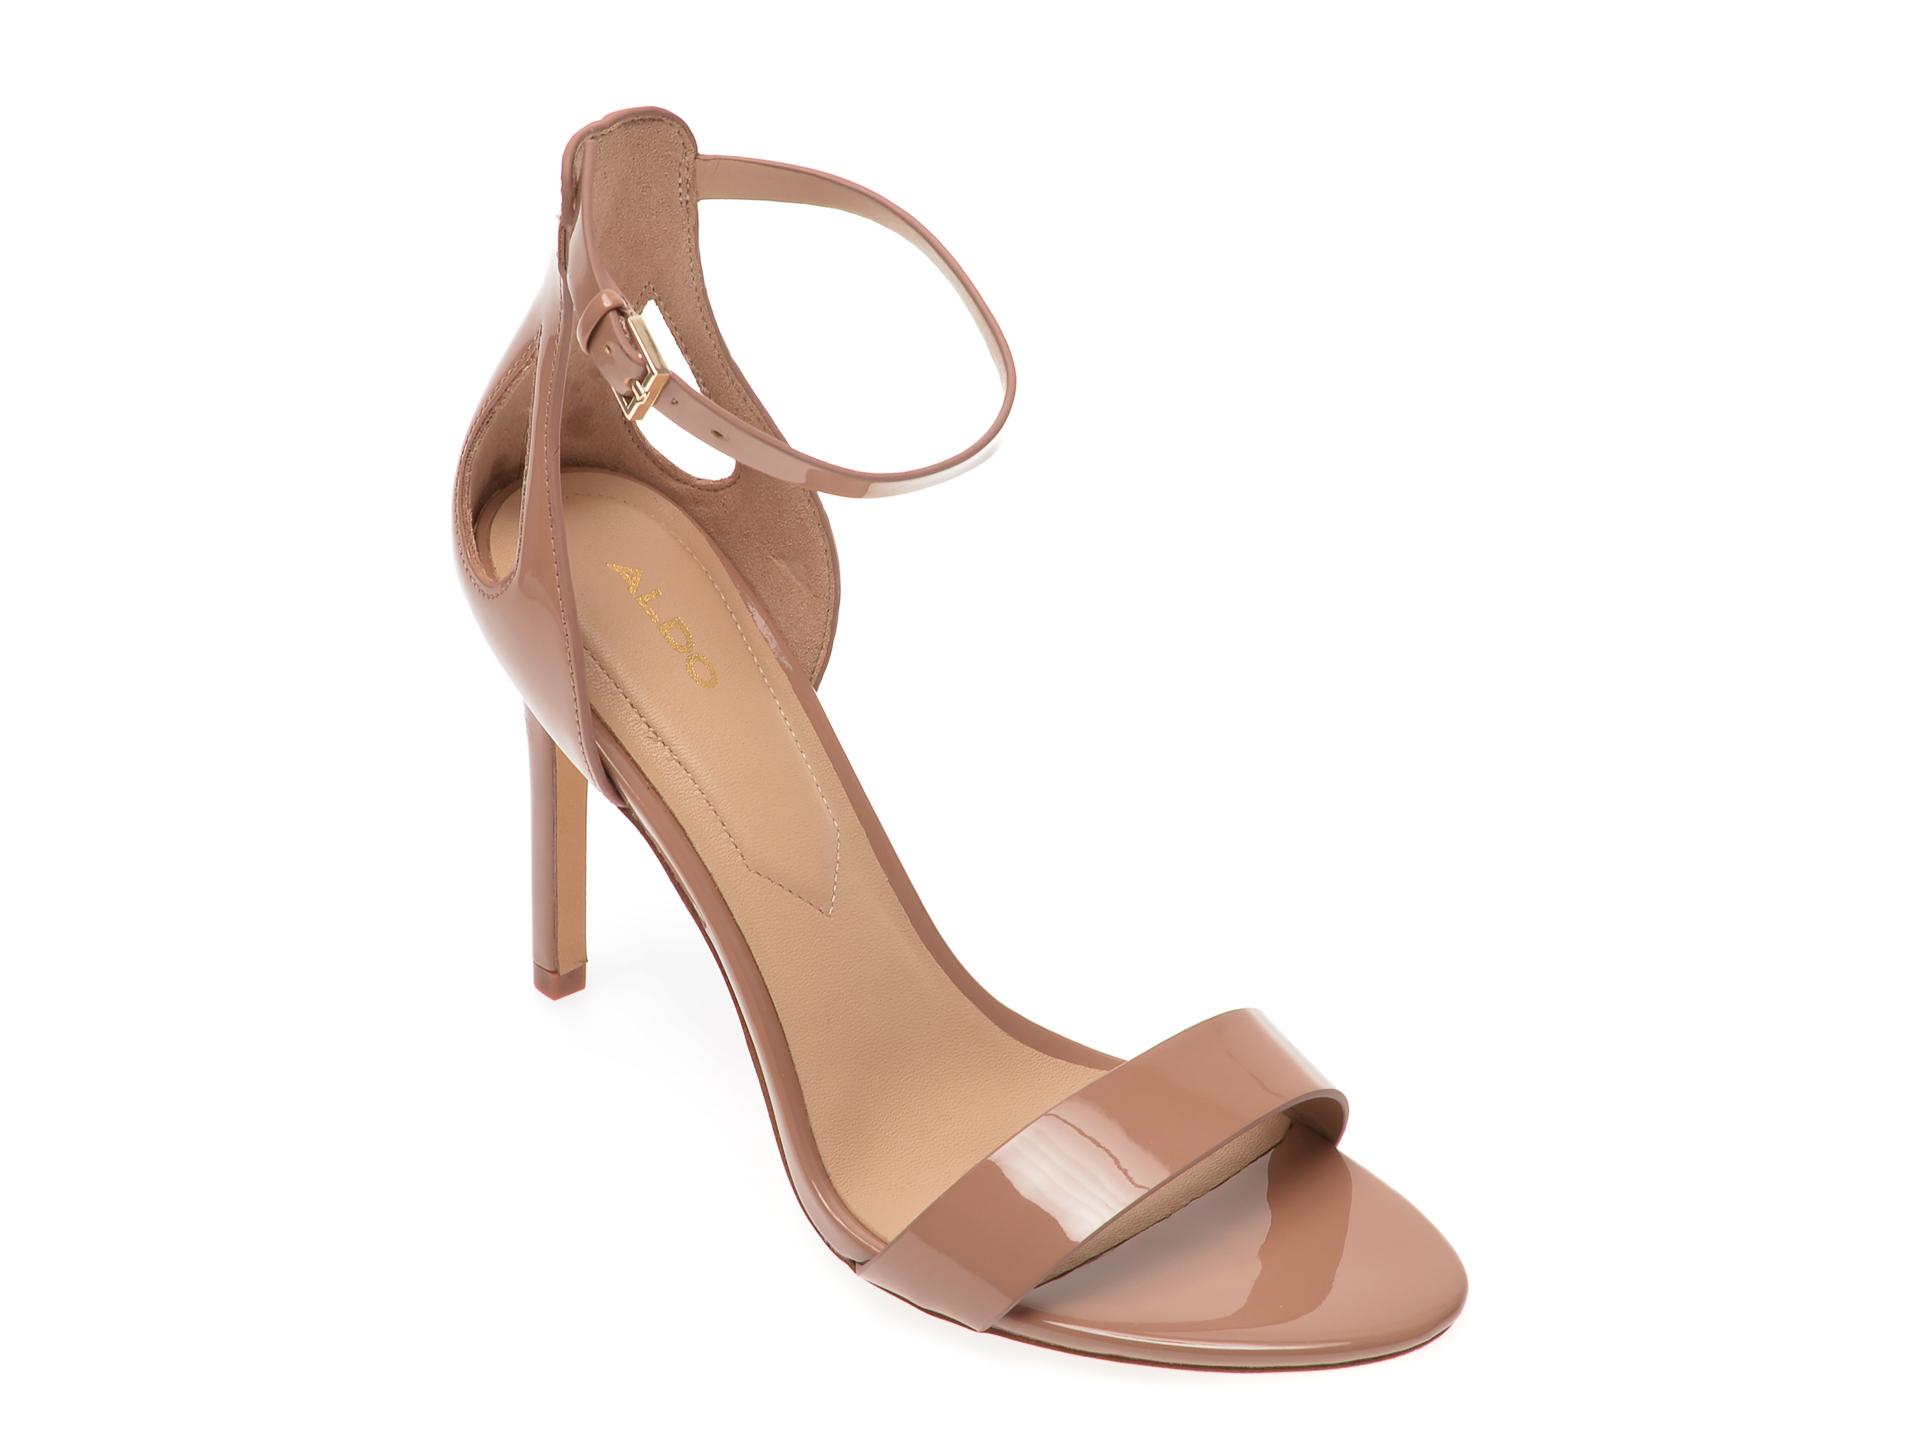 Sandale ALDO nude, Violla270, din piele ecologica imagine otter.ro 2021